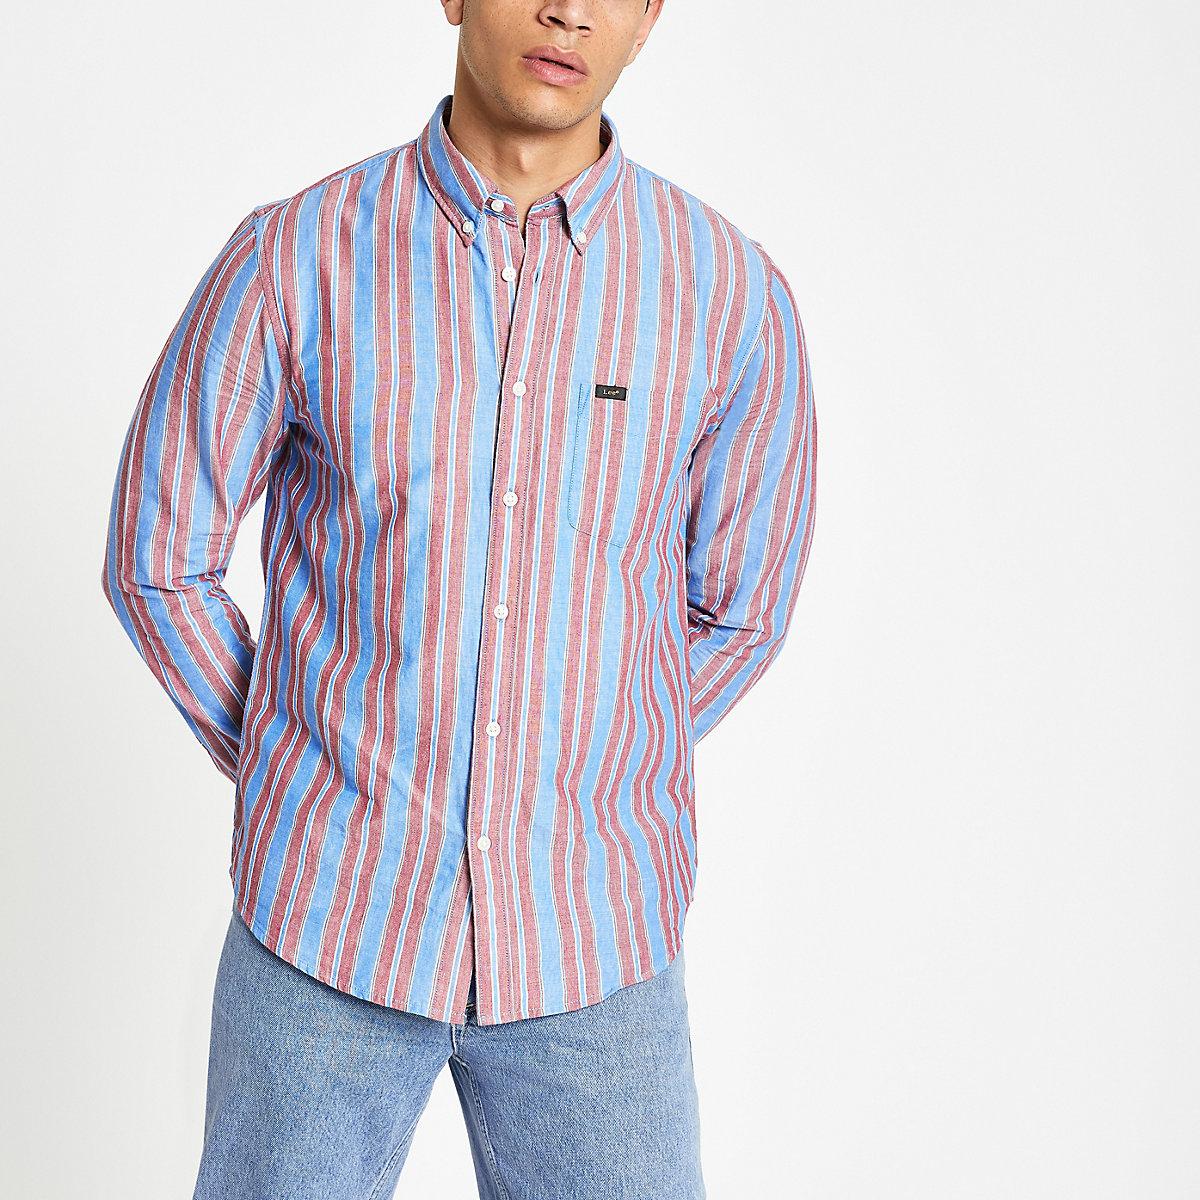 Lee pink button down stripe shirt